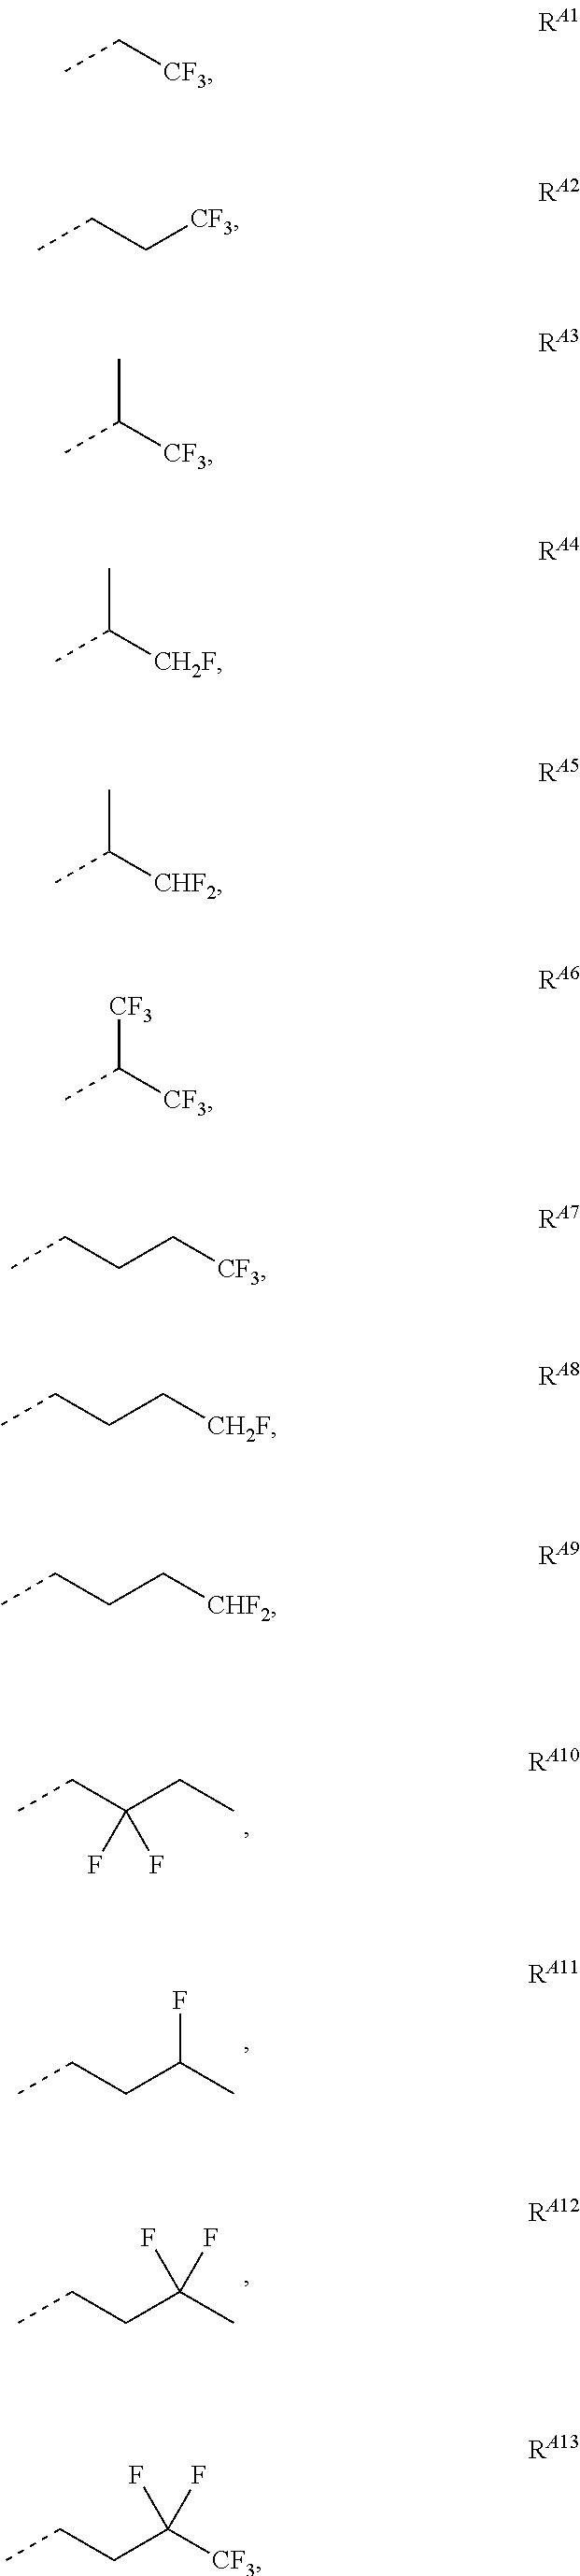 Figure US09711730-20170718-C00008